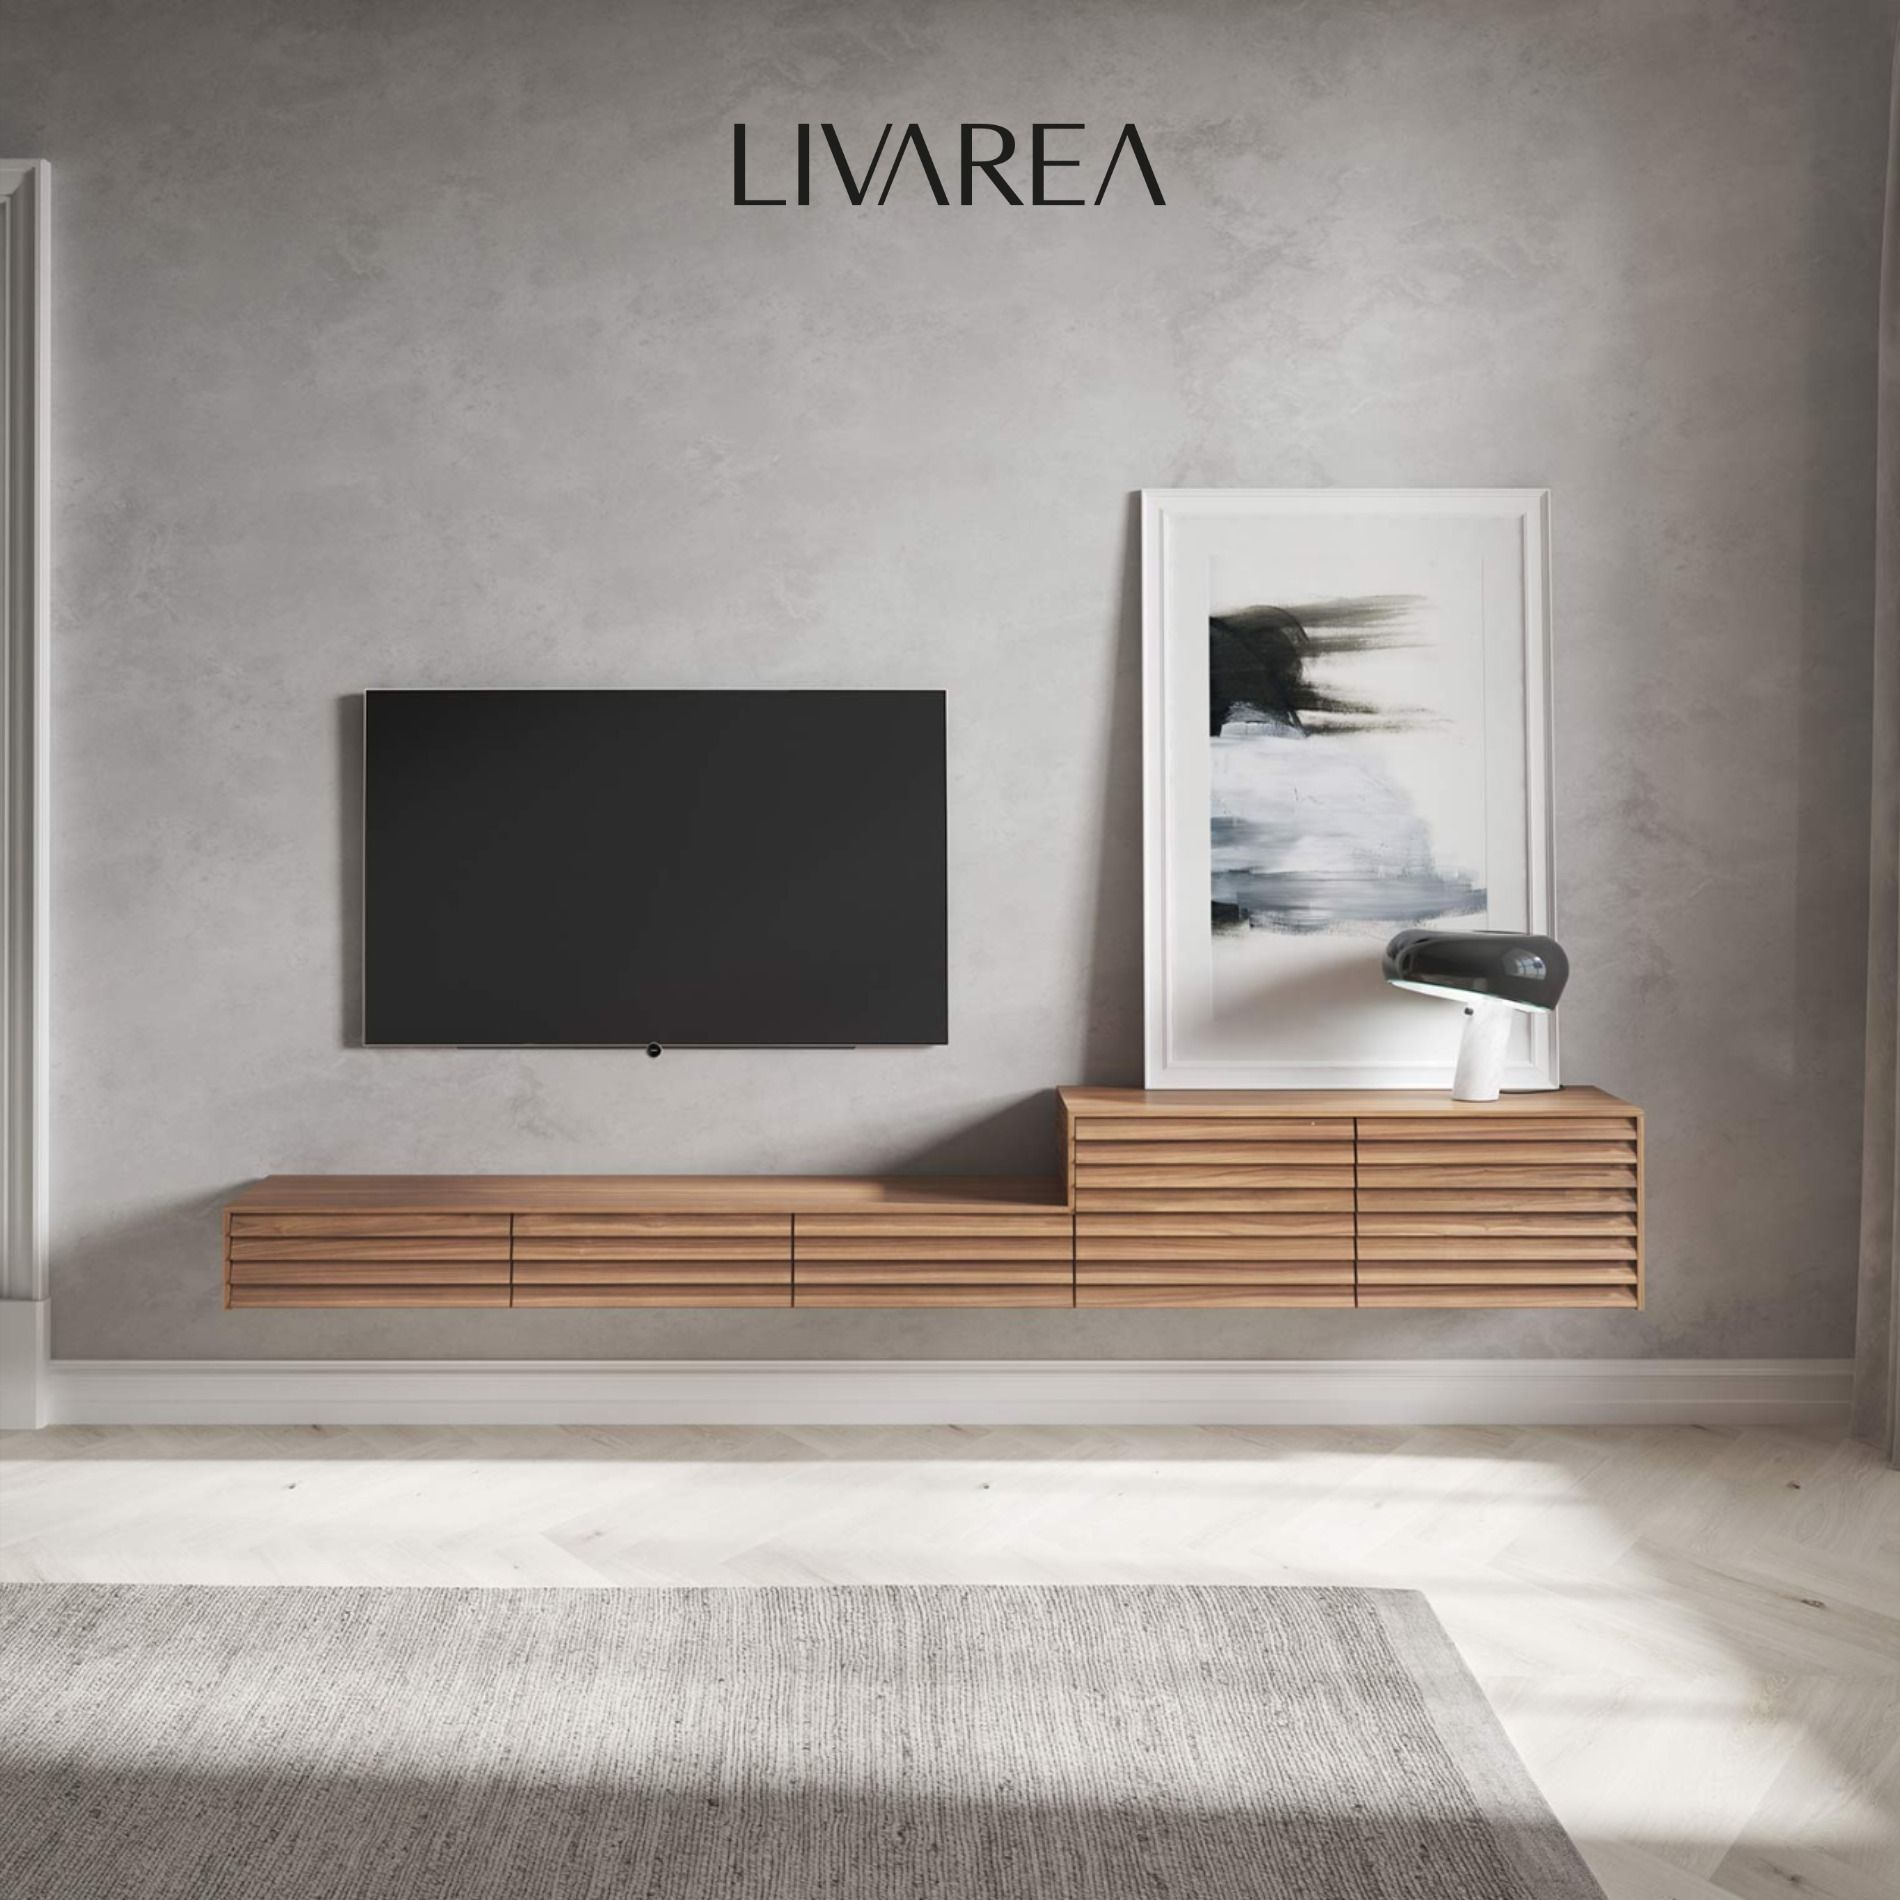 Schönes Design Wohnzimmer mit TV Paneel und Lowboard in 9